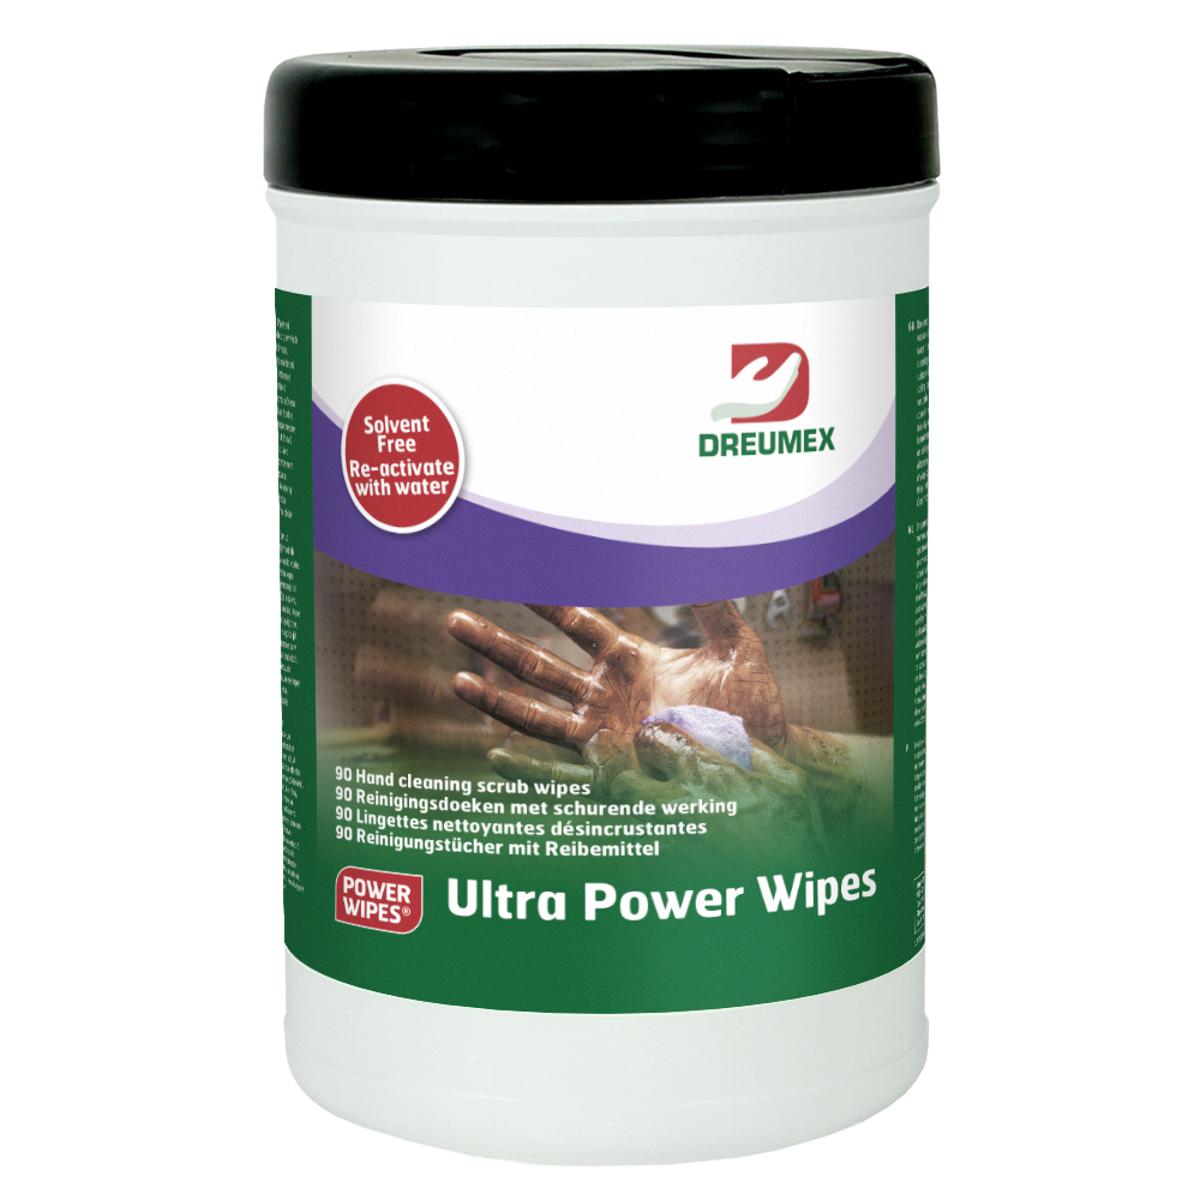 Dreumex ultra power wipes 90 doeksjes